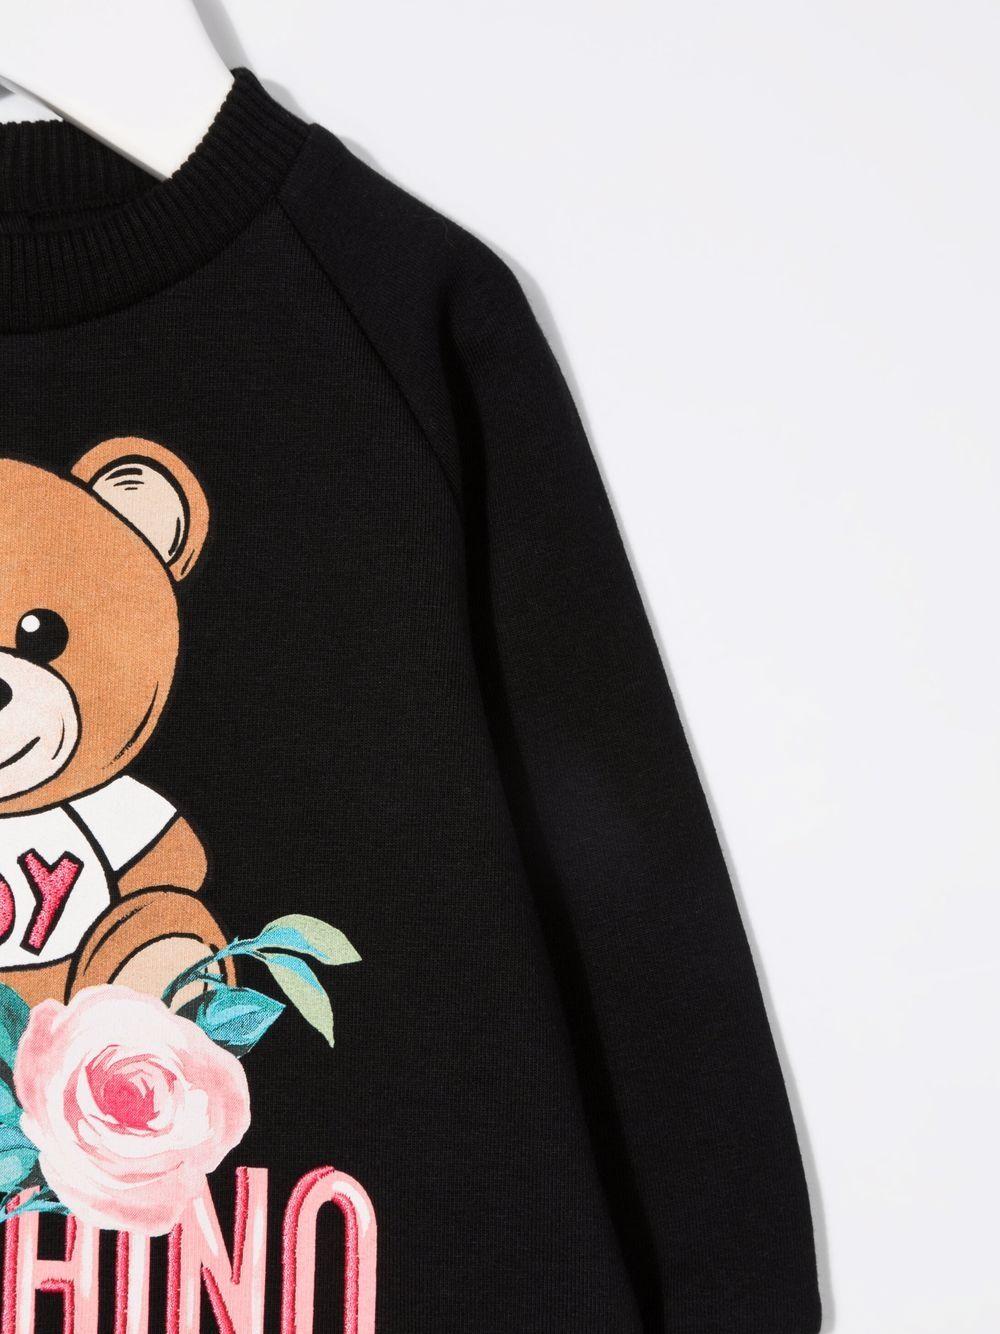 moschino abito stampa orsetto fiori MOSCHINO BABY | Abito | MCV07MLDA1660100